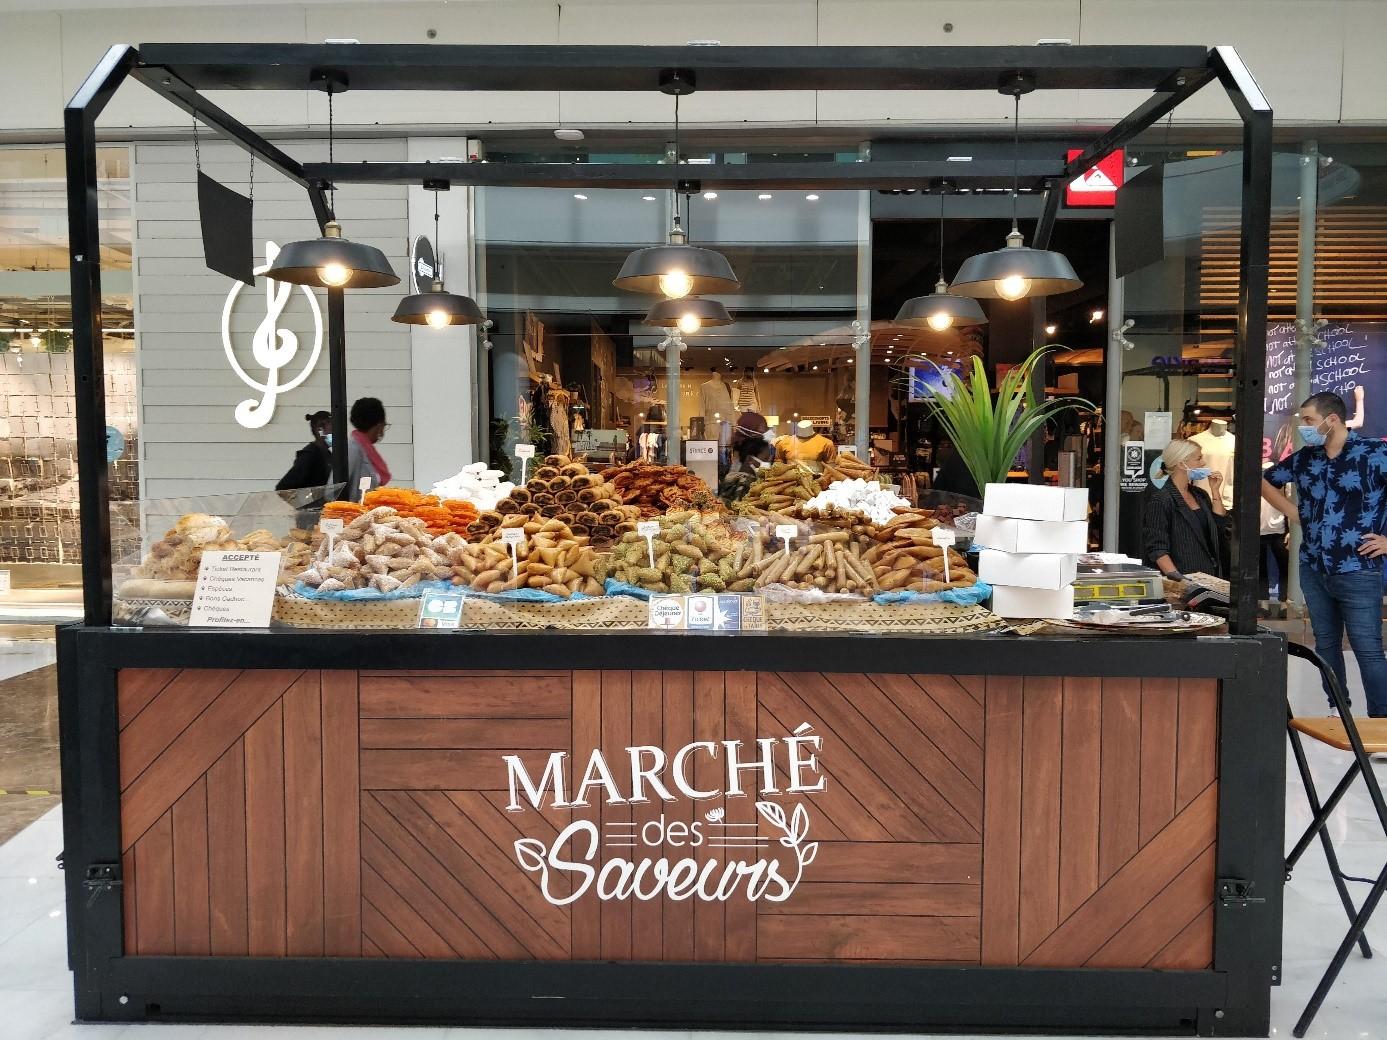 Stand de pâtisseries orientales lors des Villages des Saveurs de Dijon Toison d'Or et Carré Sénart